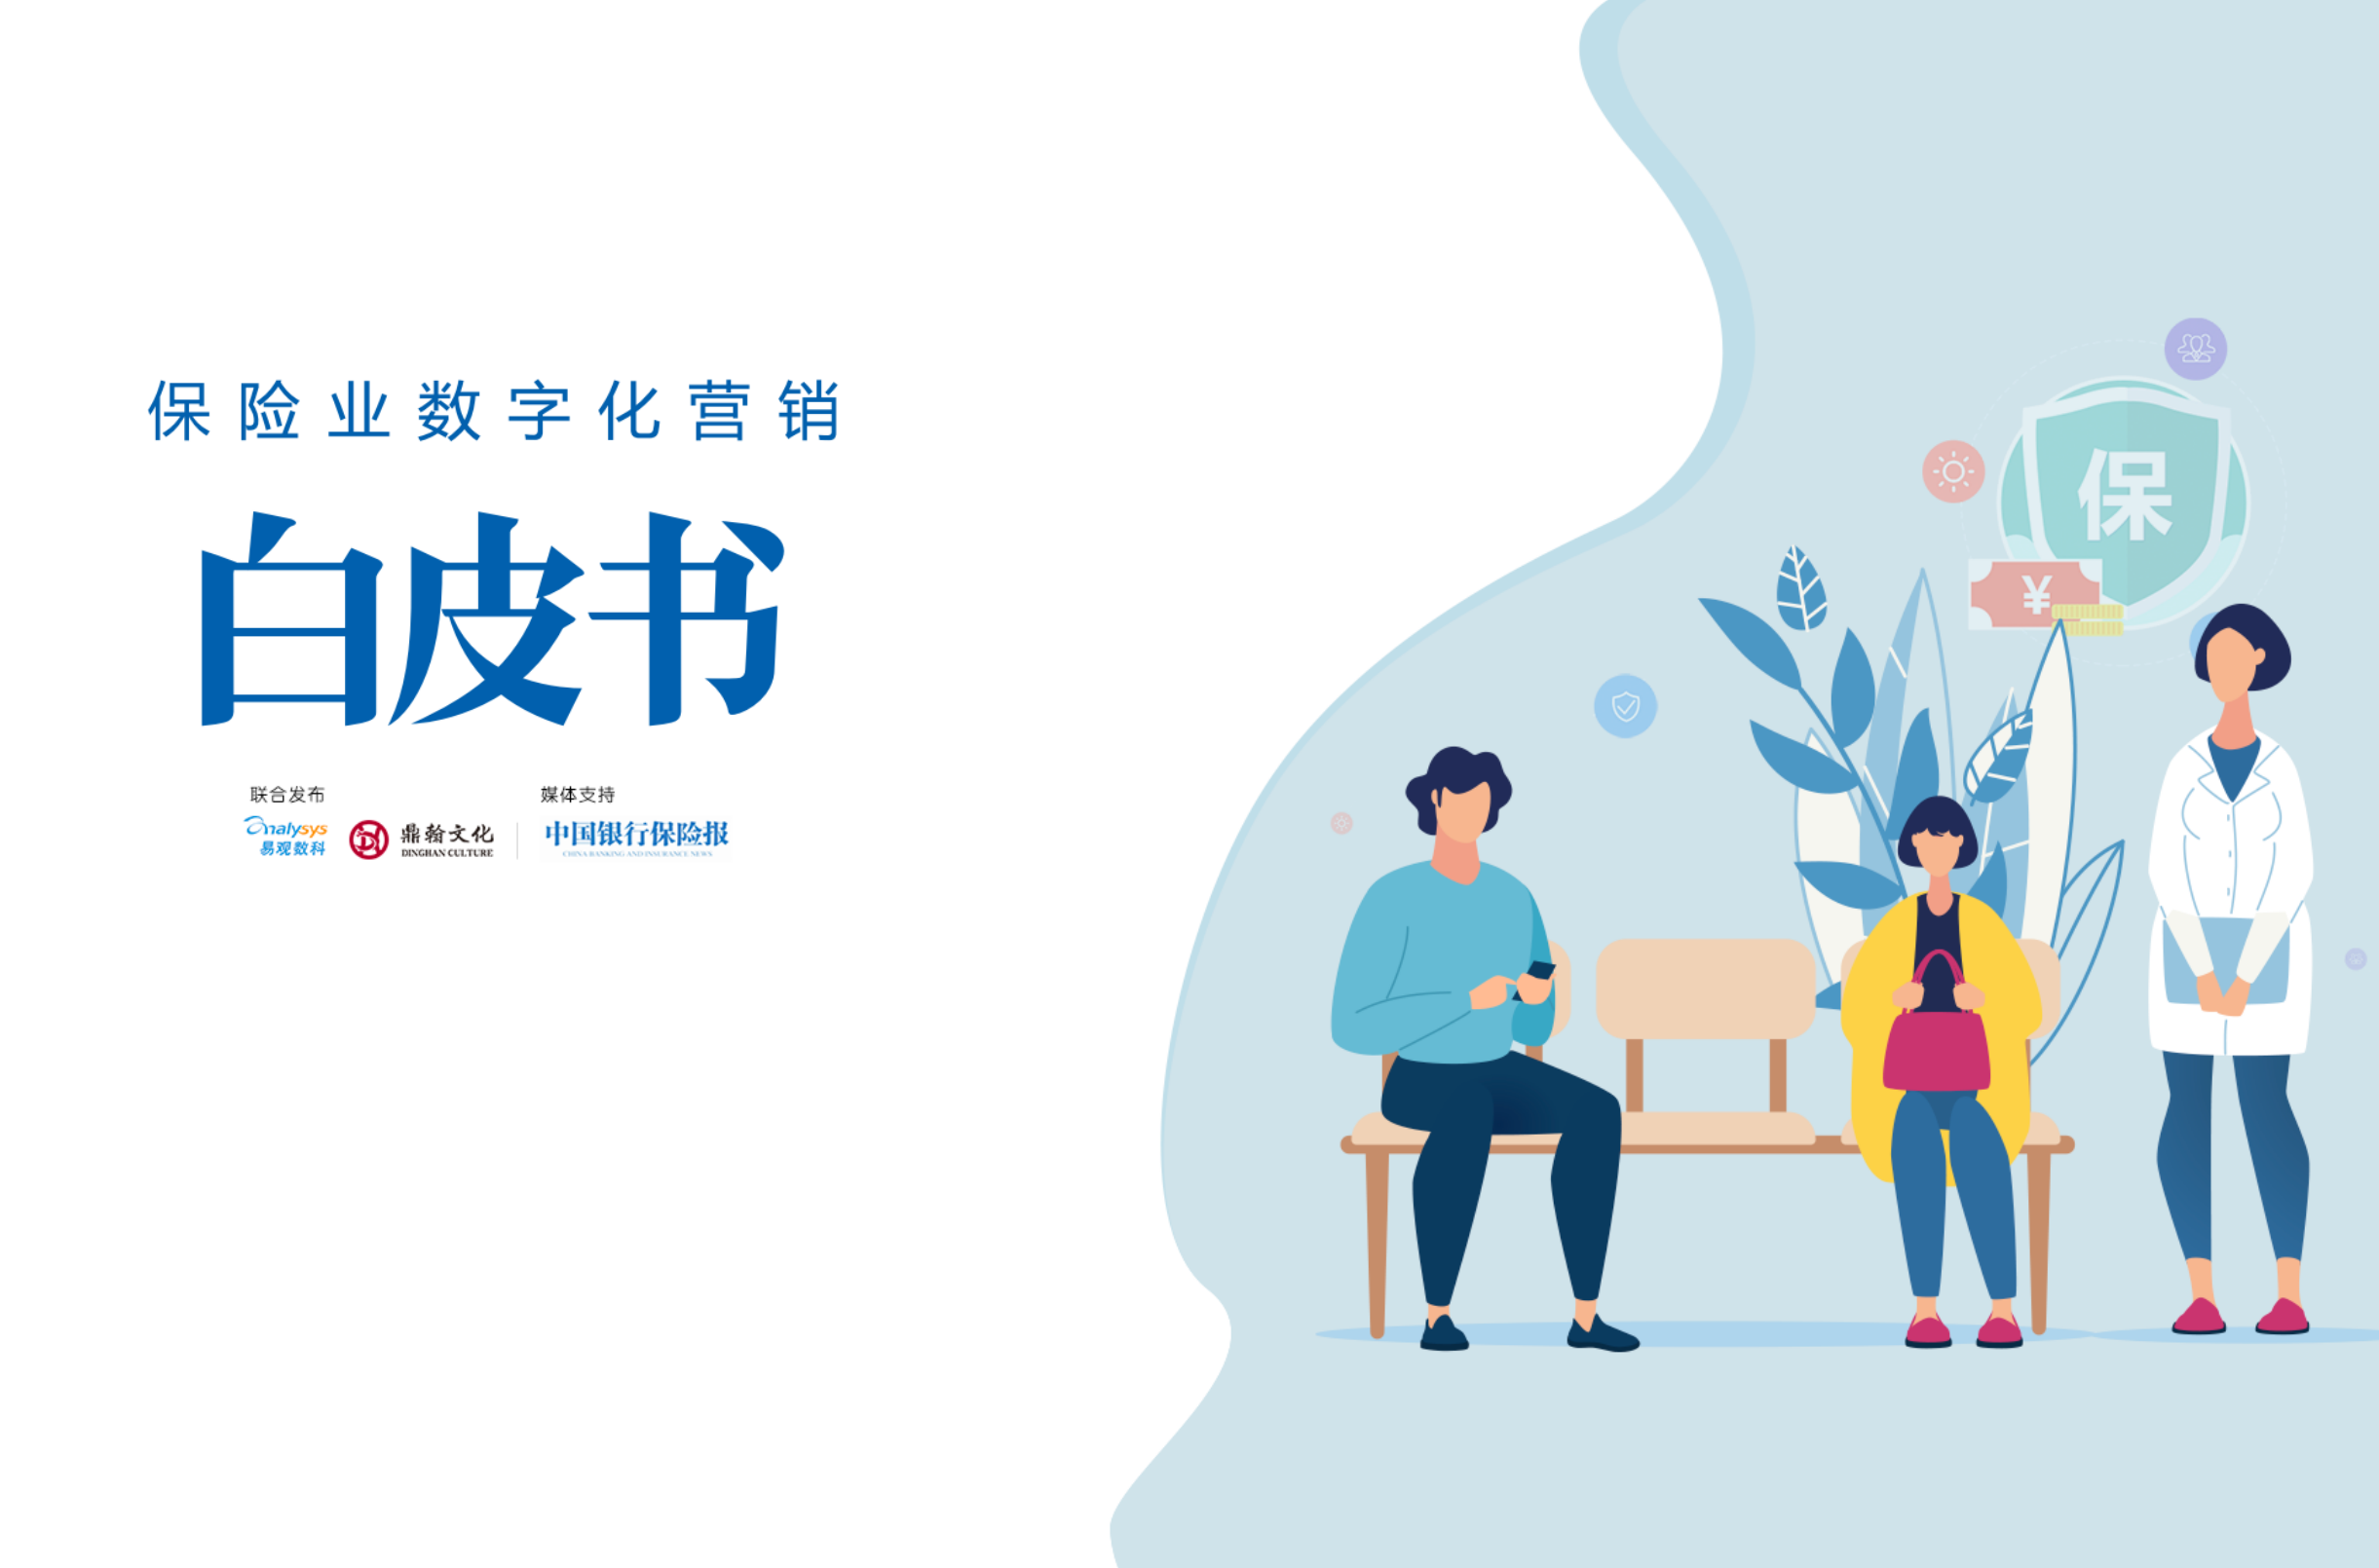 重磅!易观数科联合鼎翰文化发布《保险业数字化营销白皮书》